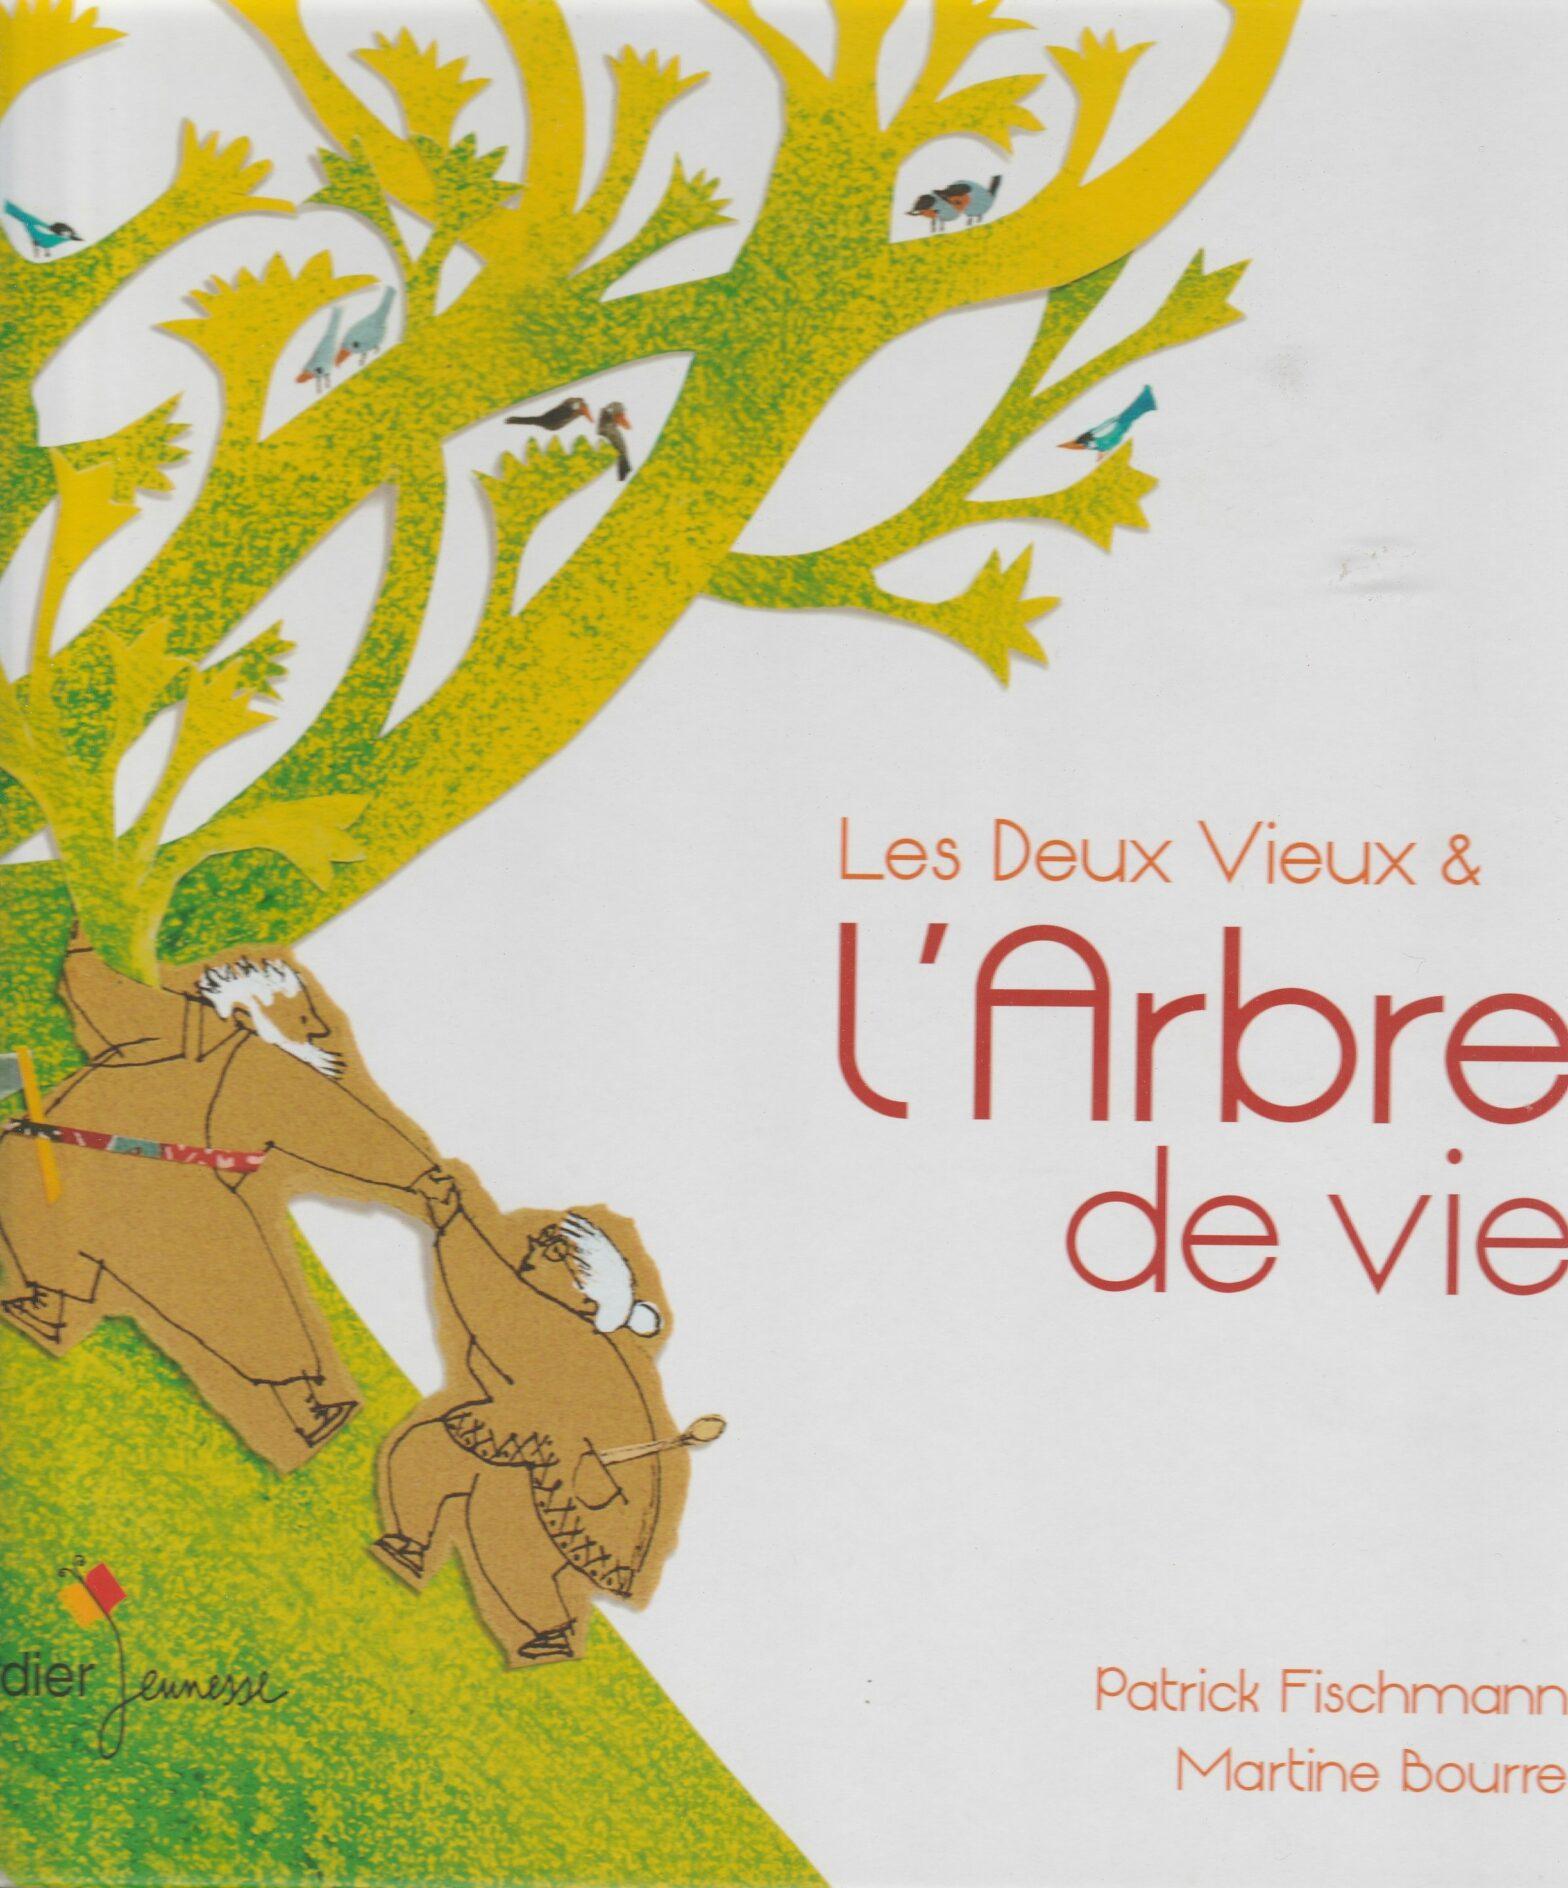 Les deux vieux et l'arbre de vie de Patrick Fischmann et Martine Bourre